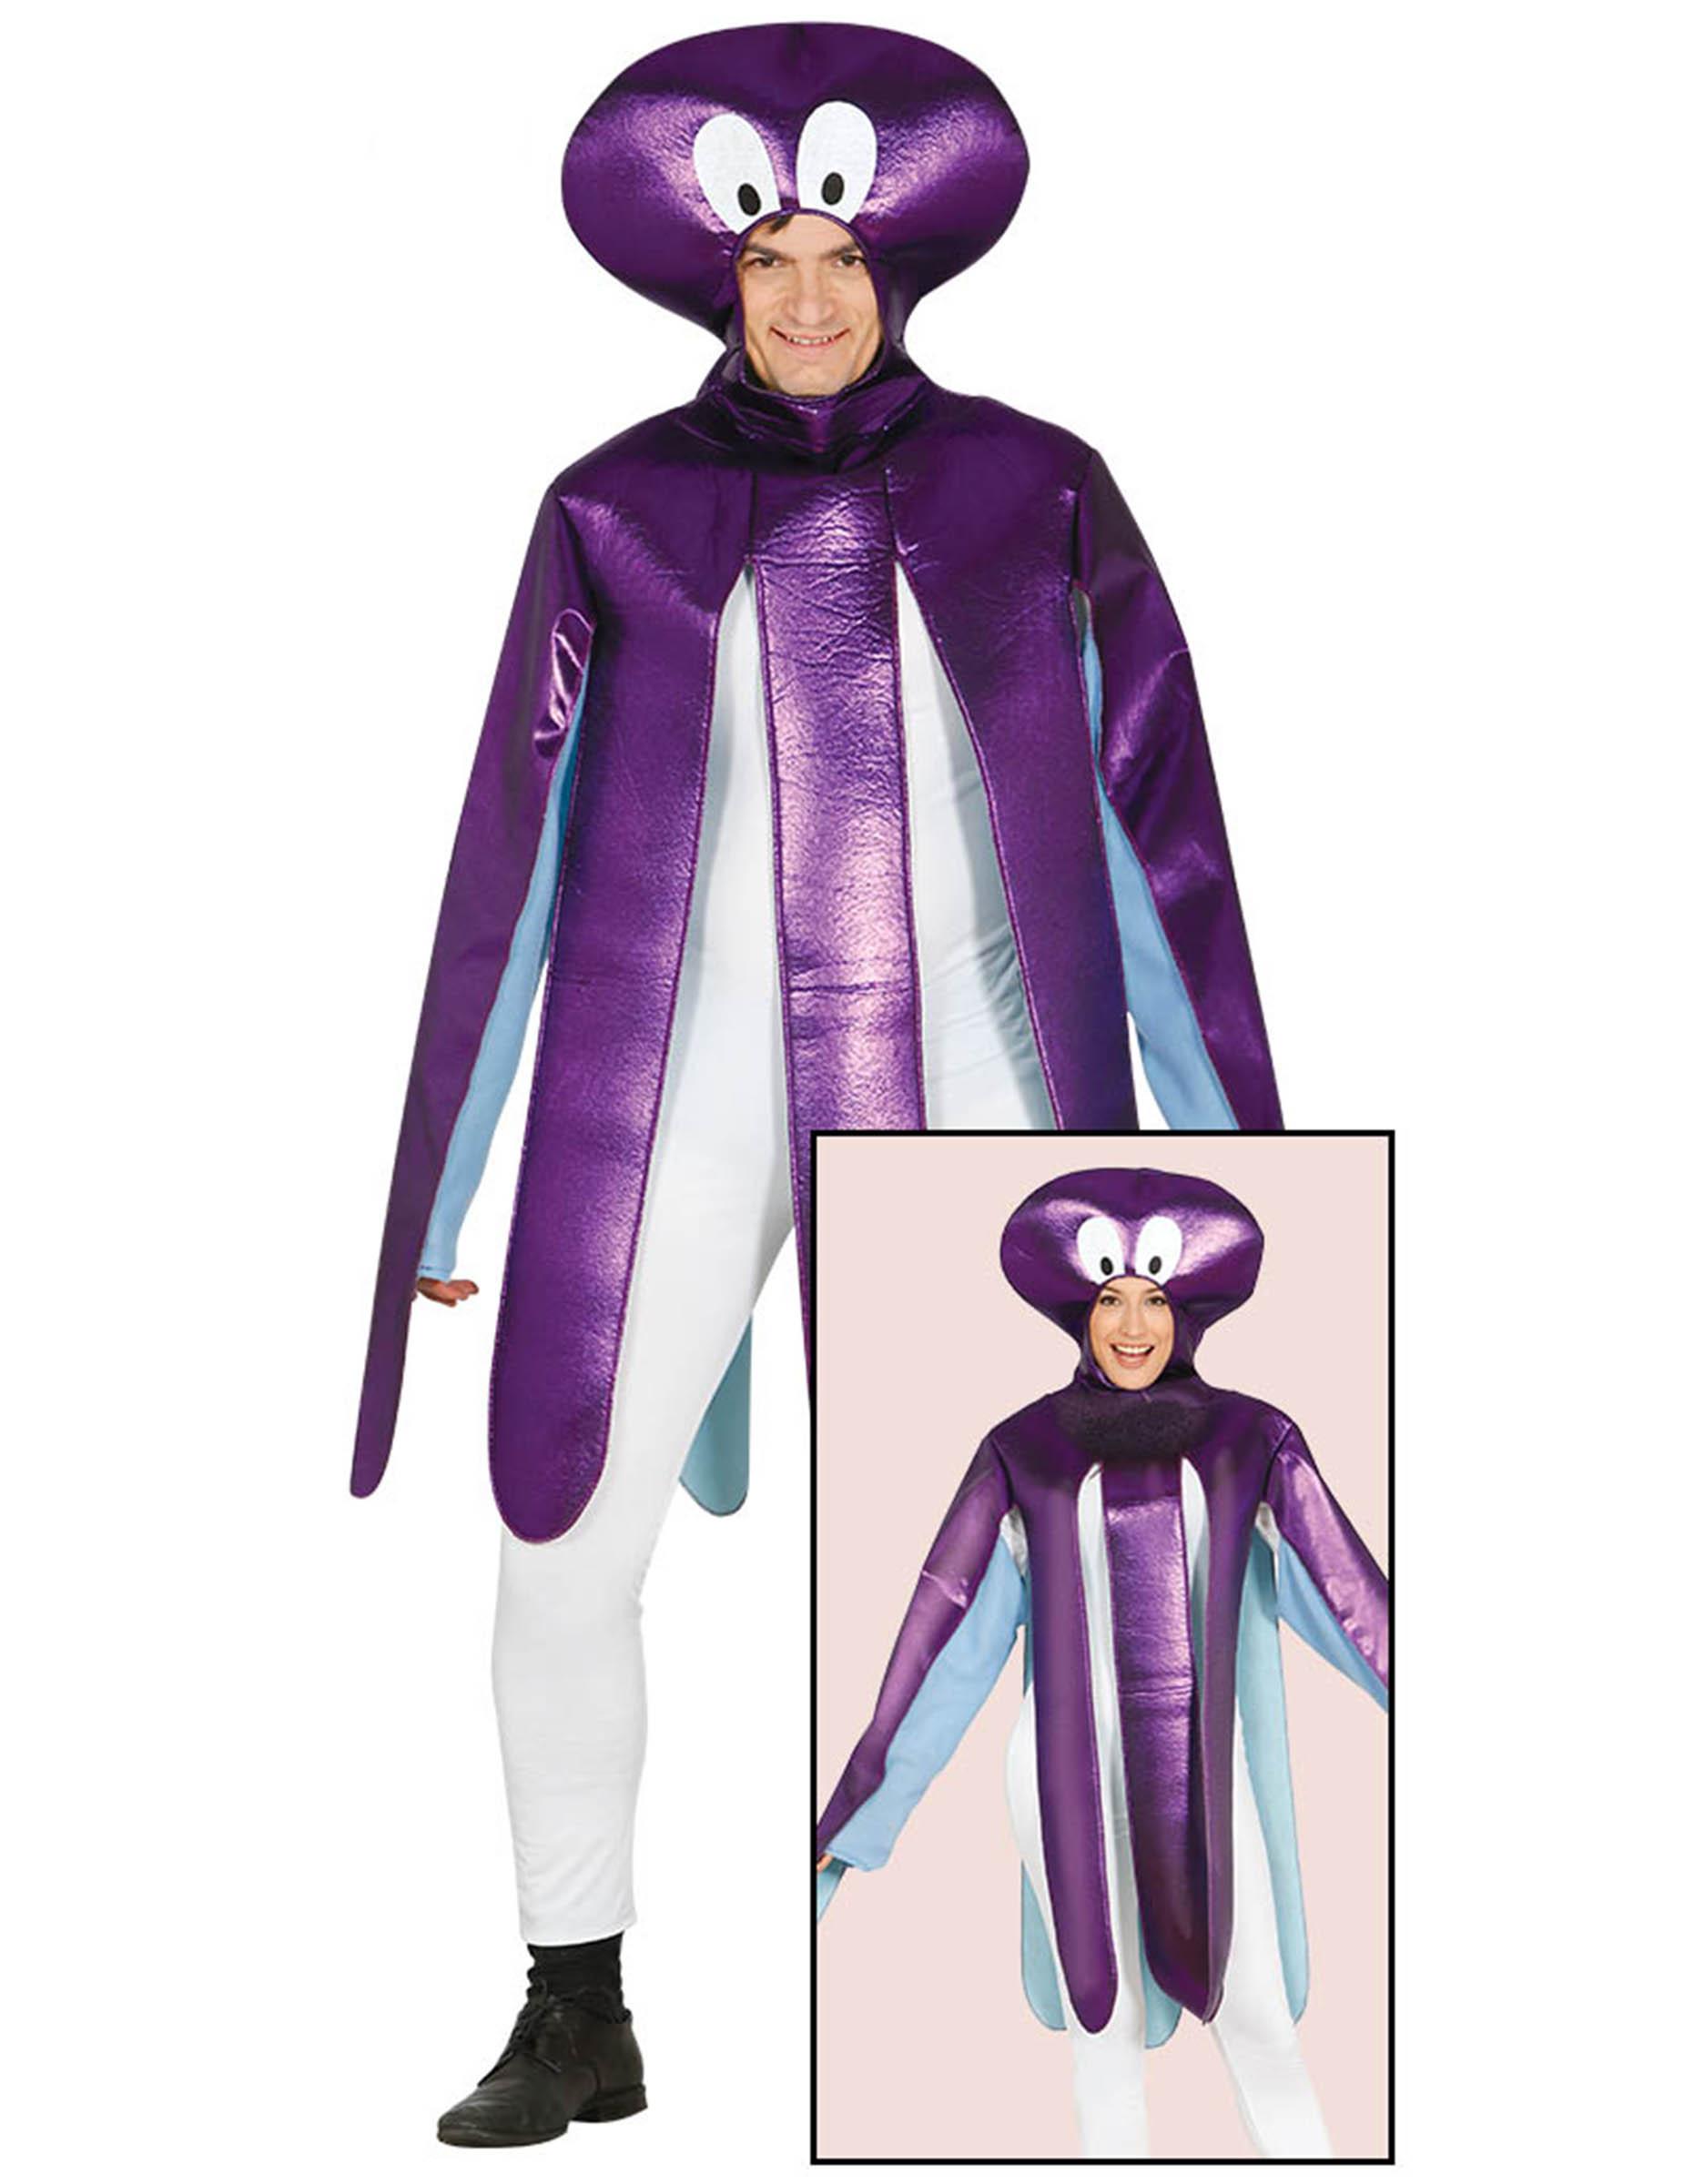 4aae4773b8 Krakenkostüm Oktopus-Tierkostüm lila , günstige Faschings Kostüme ...